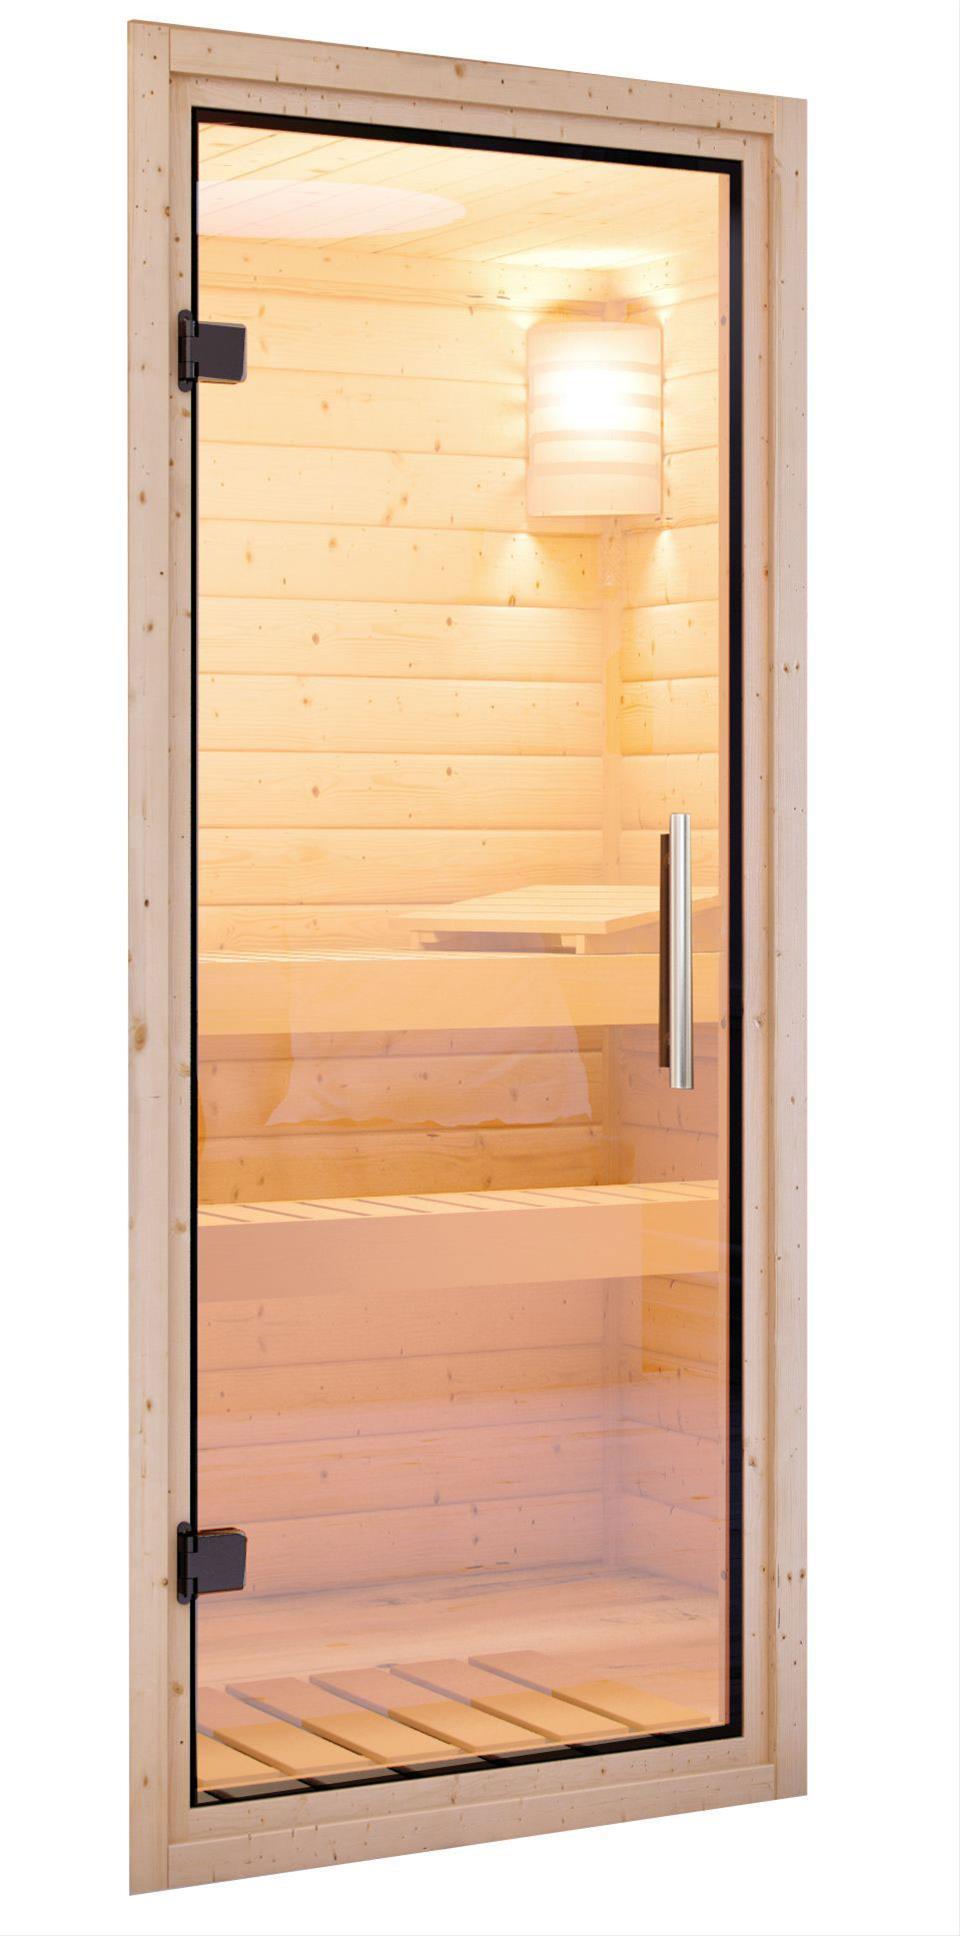 Woodfeeling Sauna Svenja 38mm Saunaofen 9kW intern Kranz Klarglas Tür Bild 6